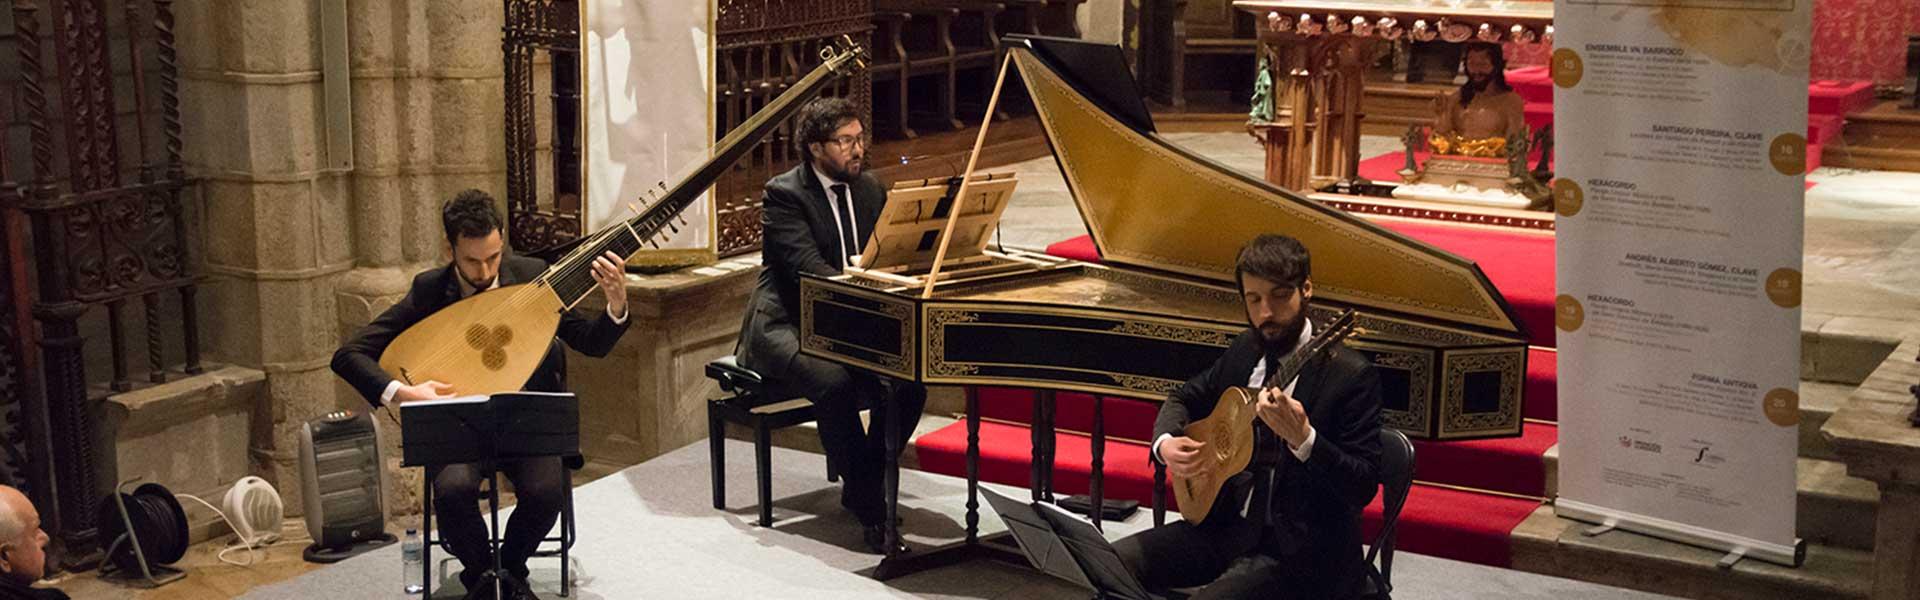 Forma Antiqva. Sociedad Filarmónica de Badajoz © Juan Hernández